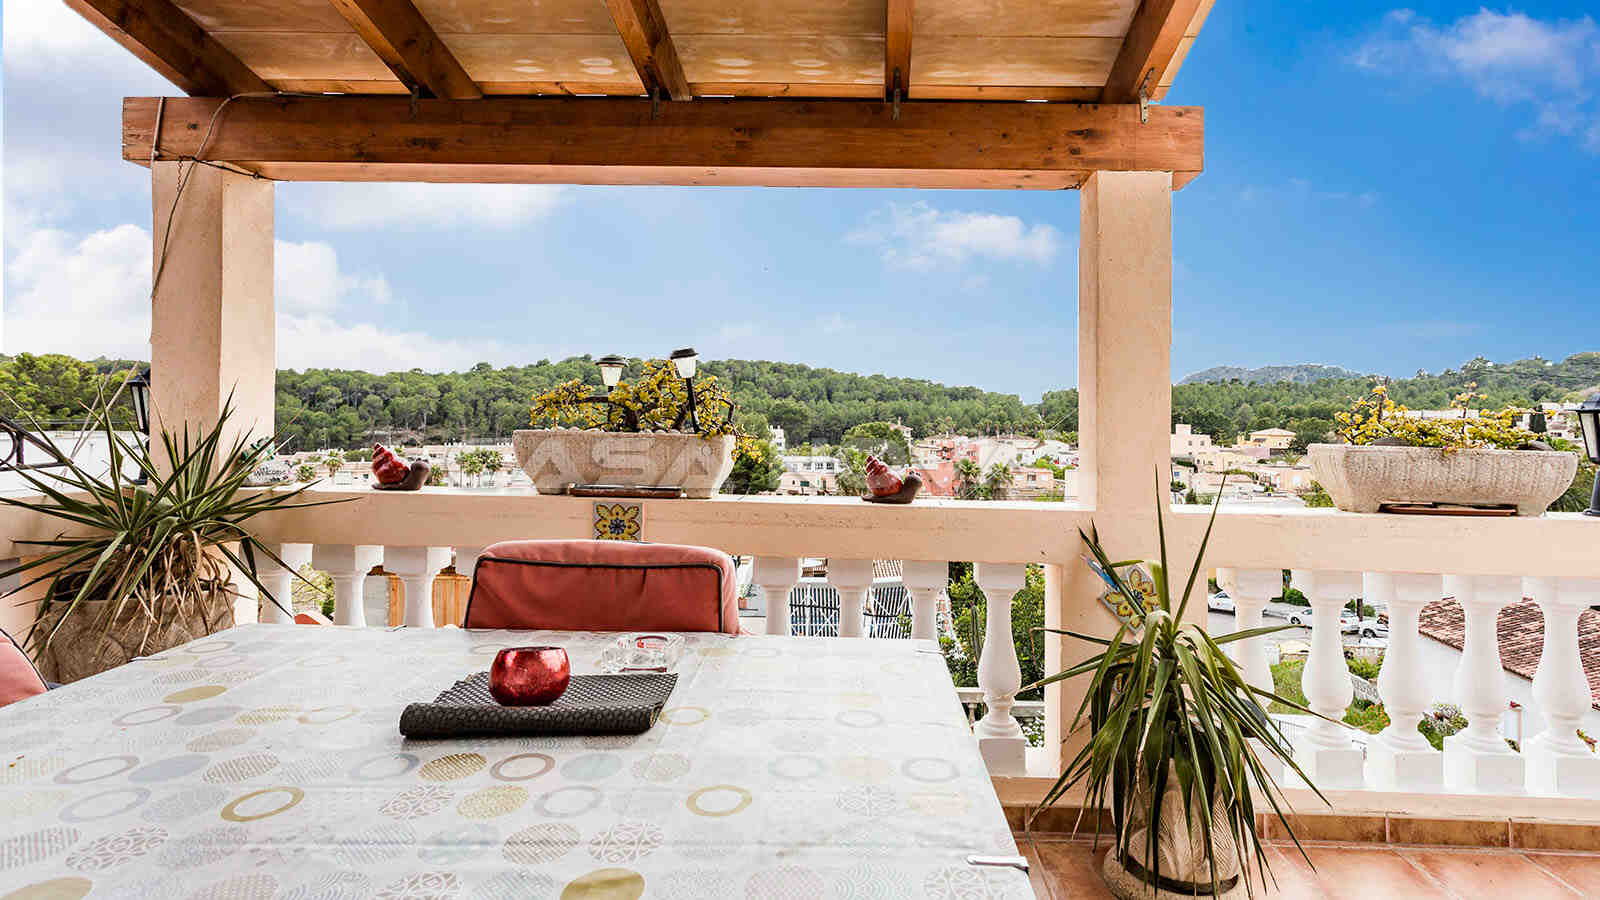 Überdachte Dachterrasse der Immobilie mit wundervollem Blick in die Umgebung